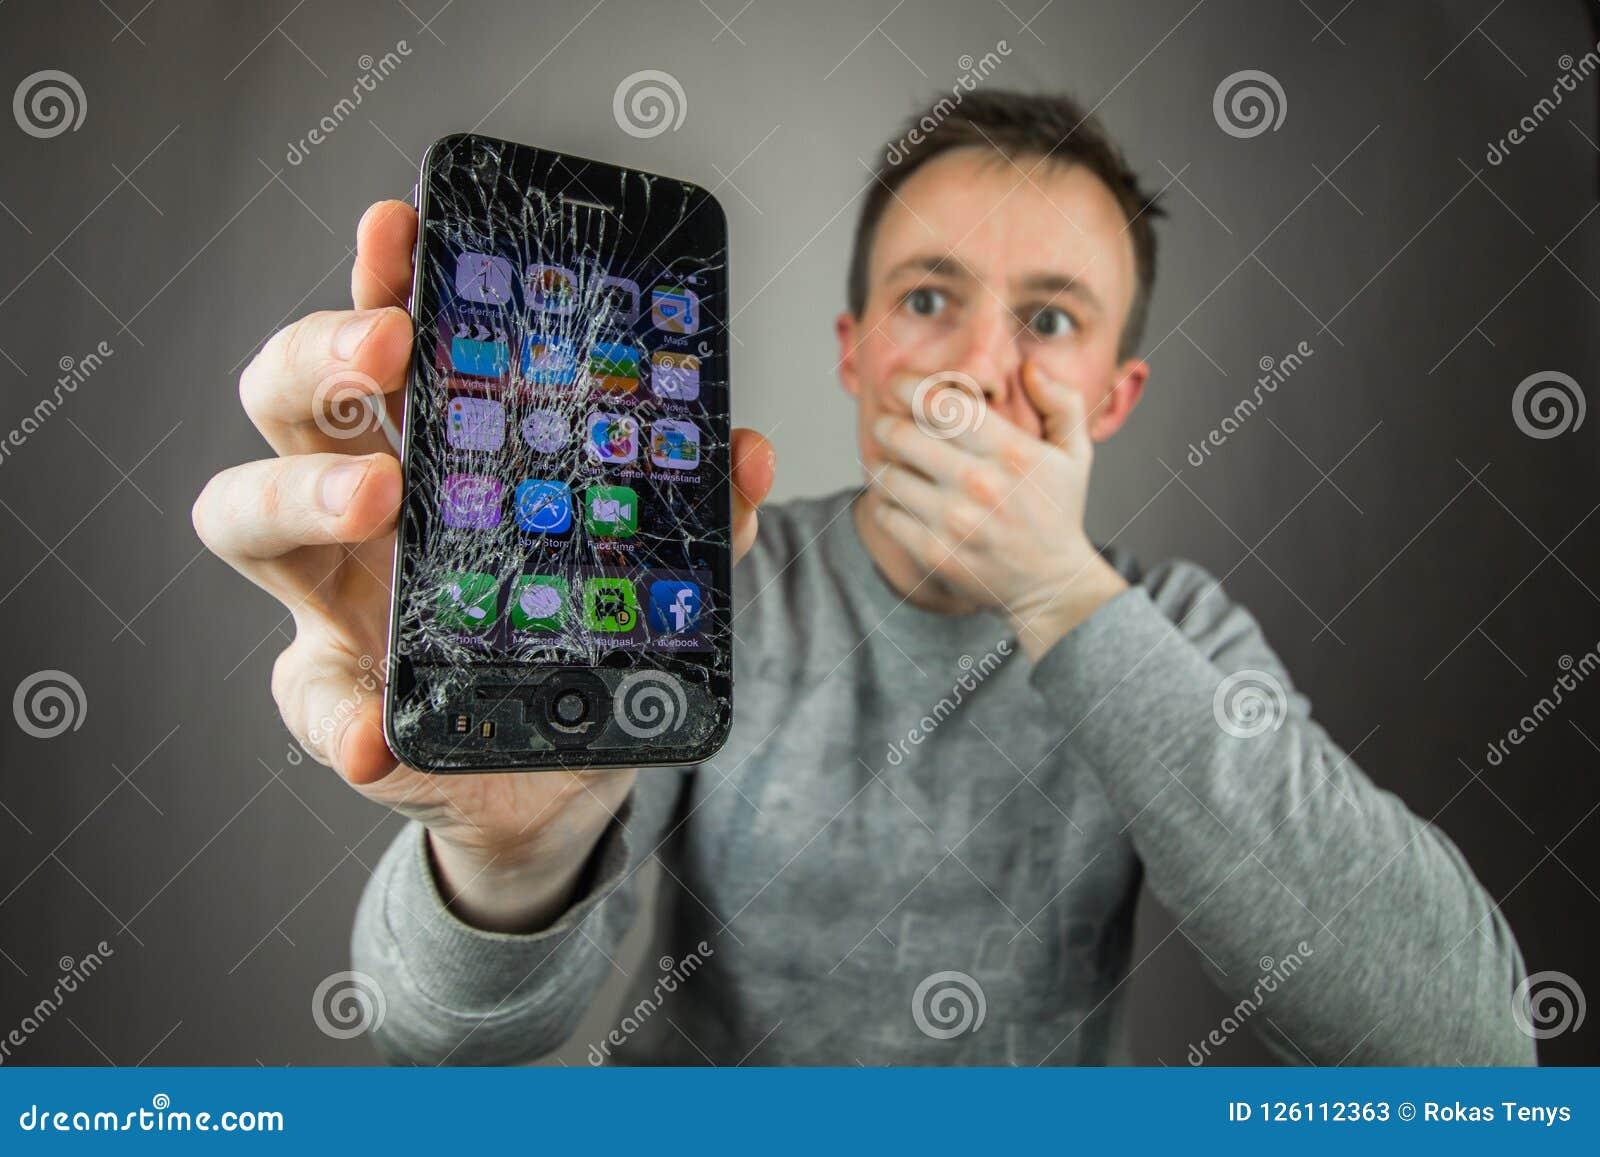 Screen broken smartphone